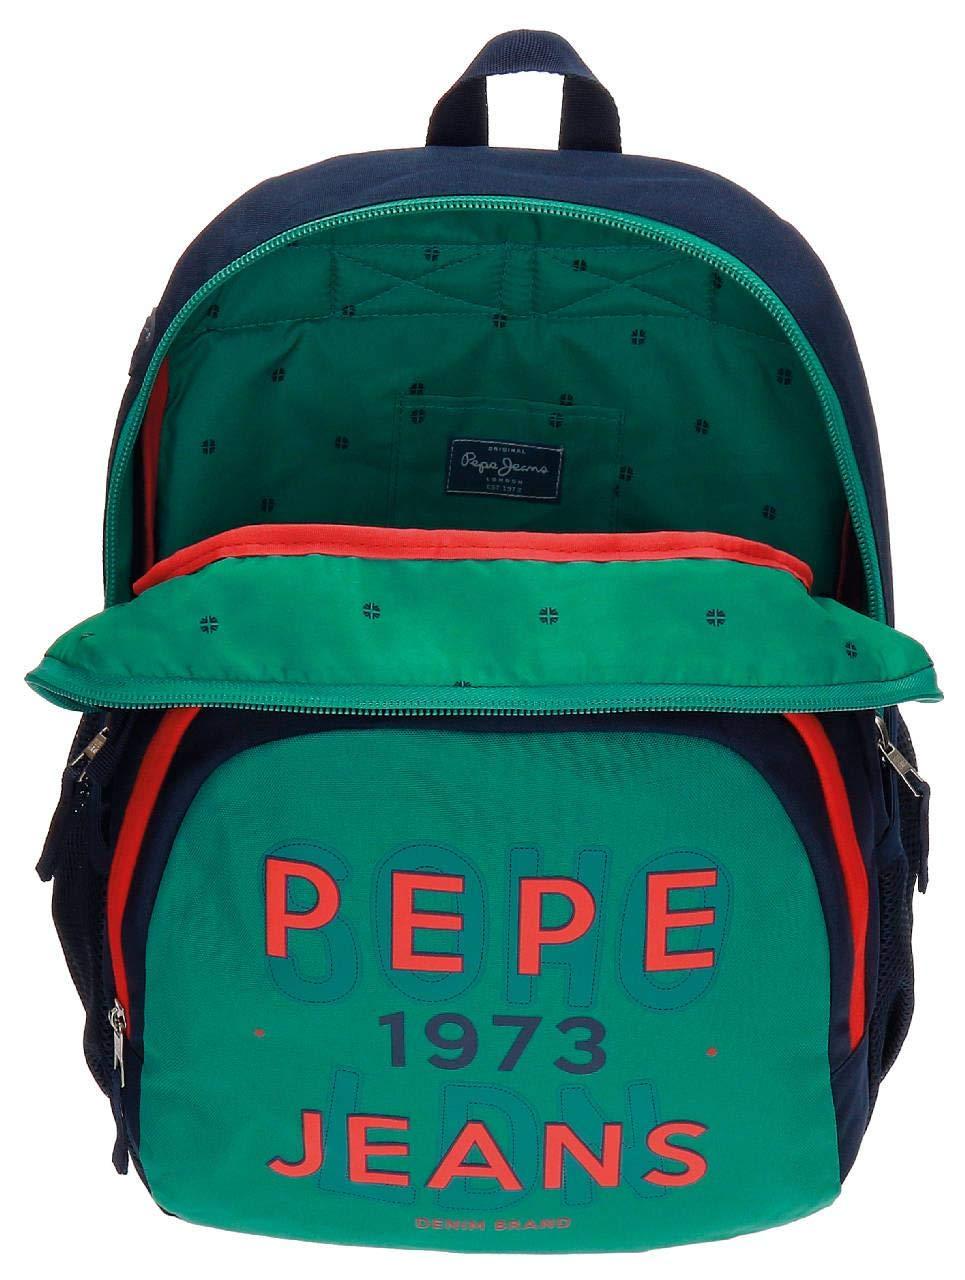 Pepe Jeans 6412451 Reed Mochila Escolar, 23.94 litros, Color Verde: Amazon.es: Equipaje